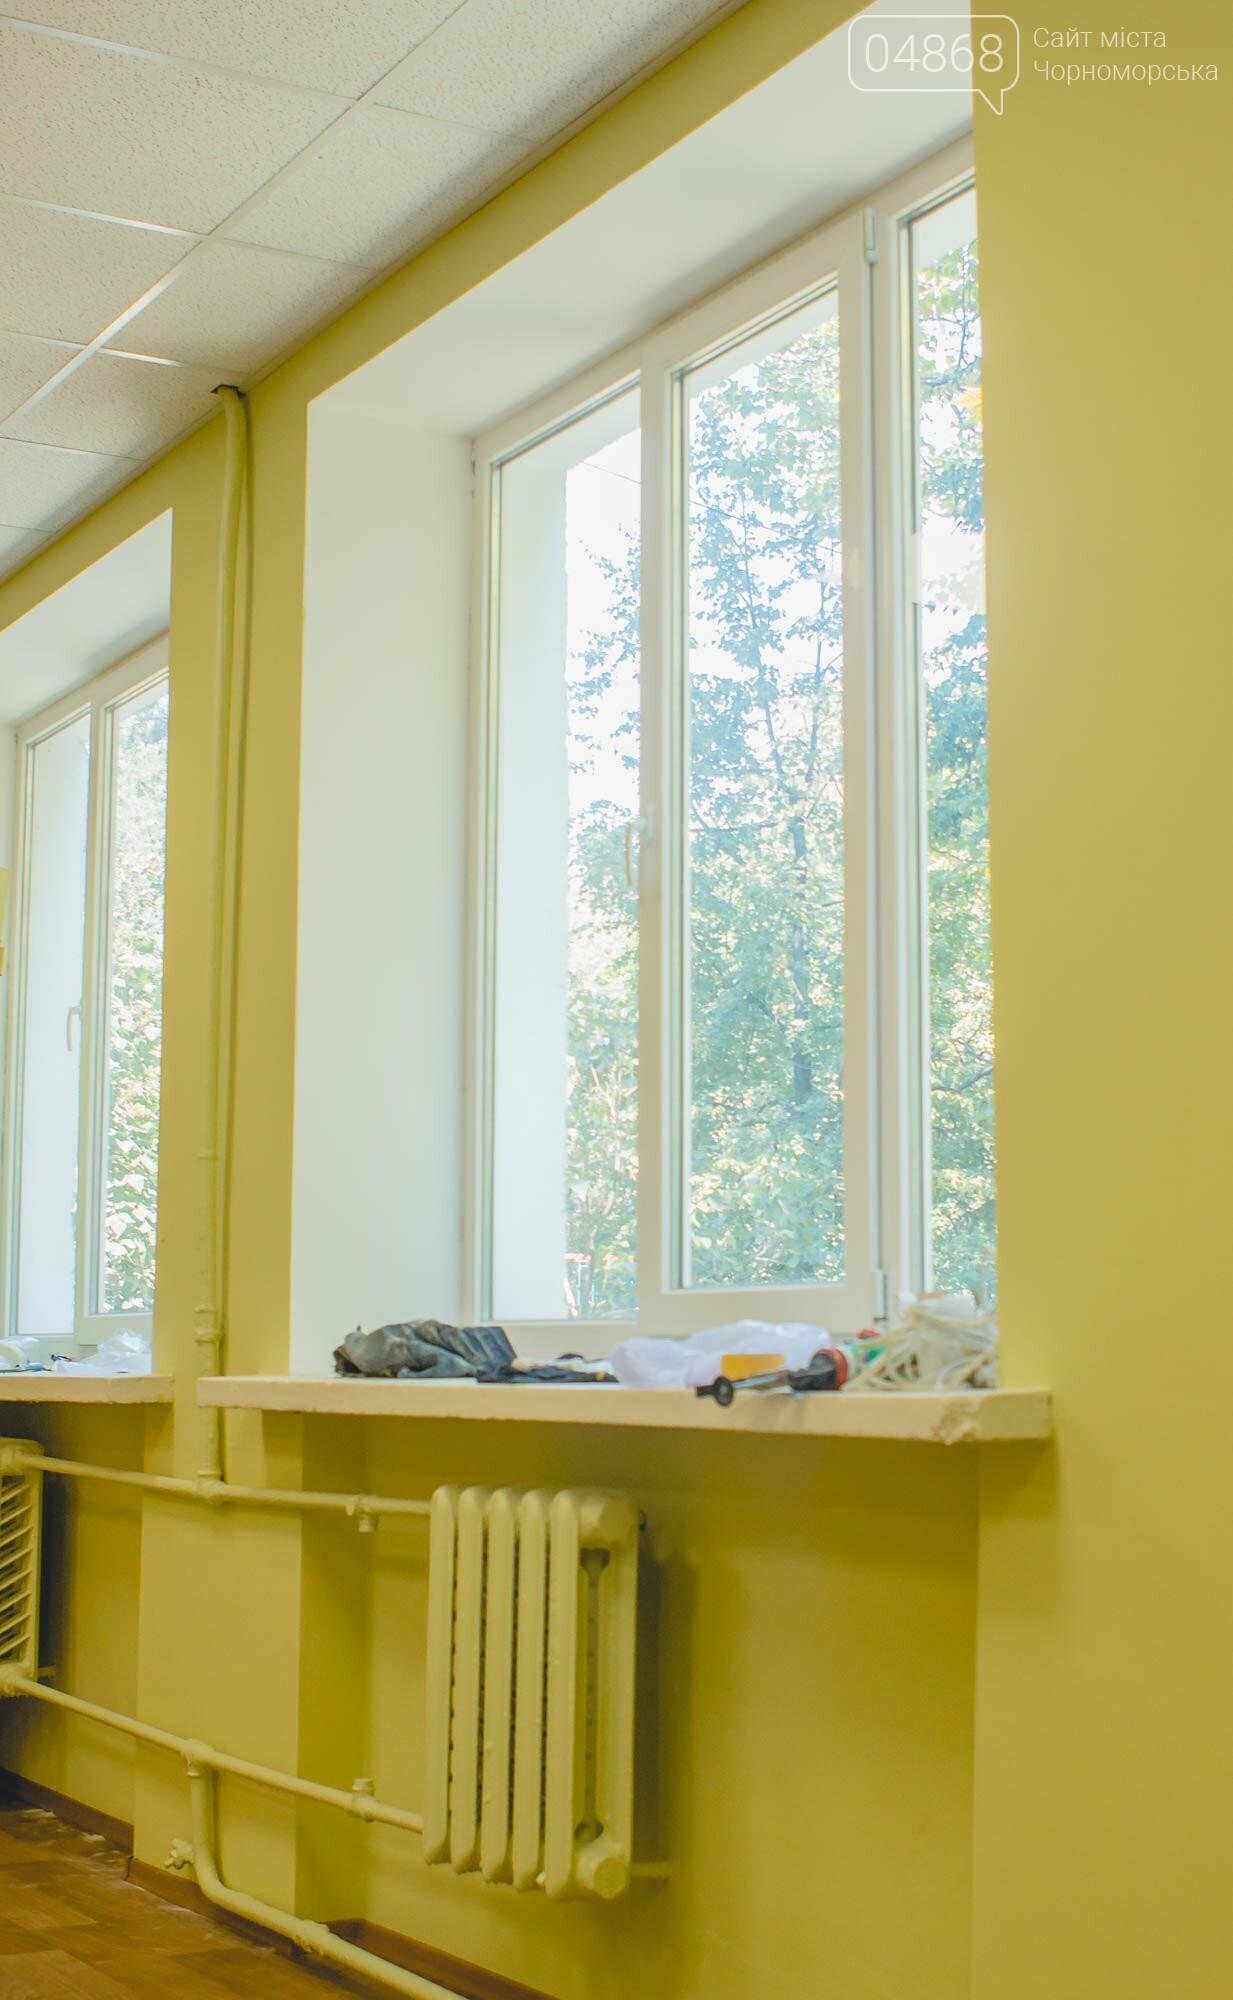 Новые окна, кабинеты и пищеблок: школы Черноморска готовятся к 1 сентября, фото-11